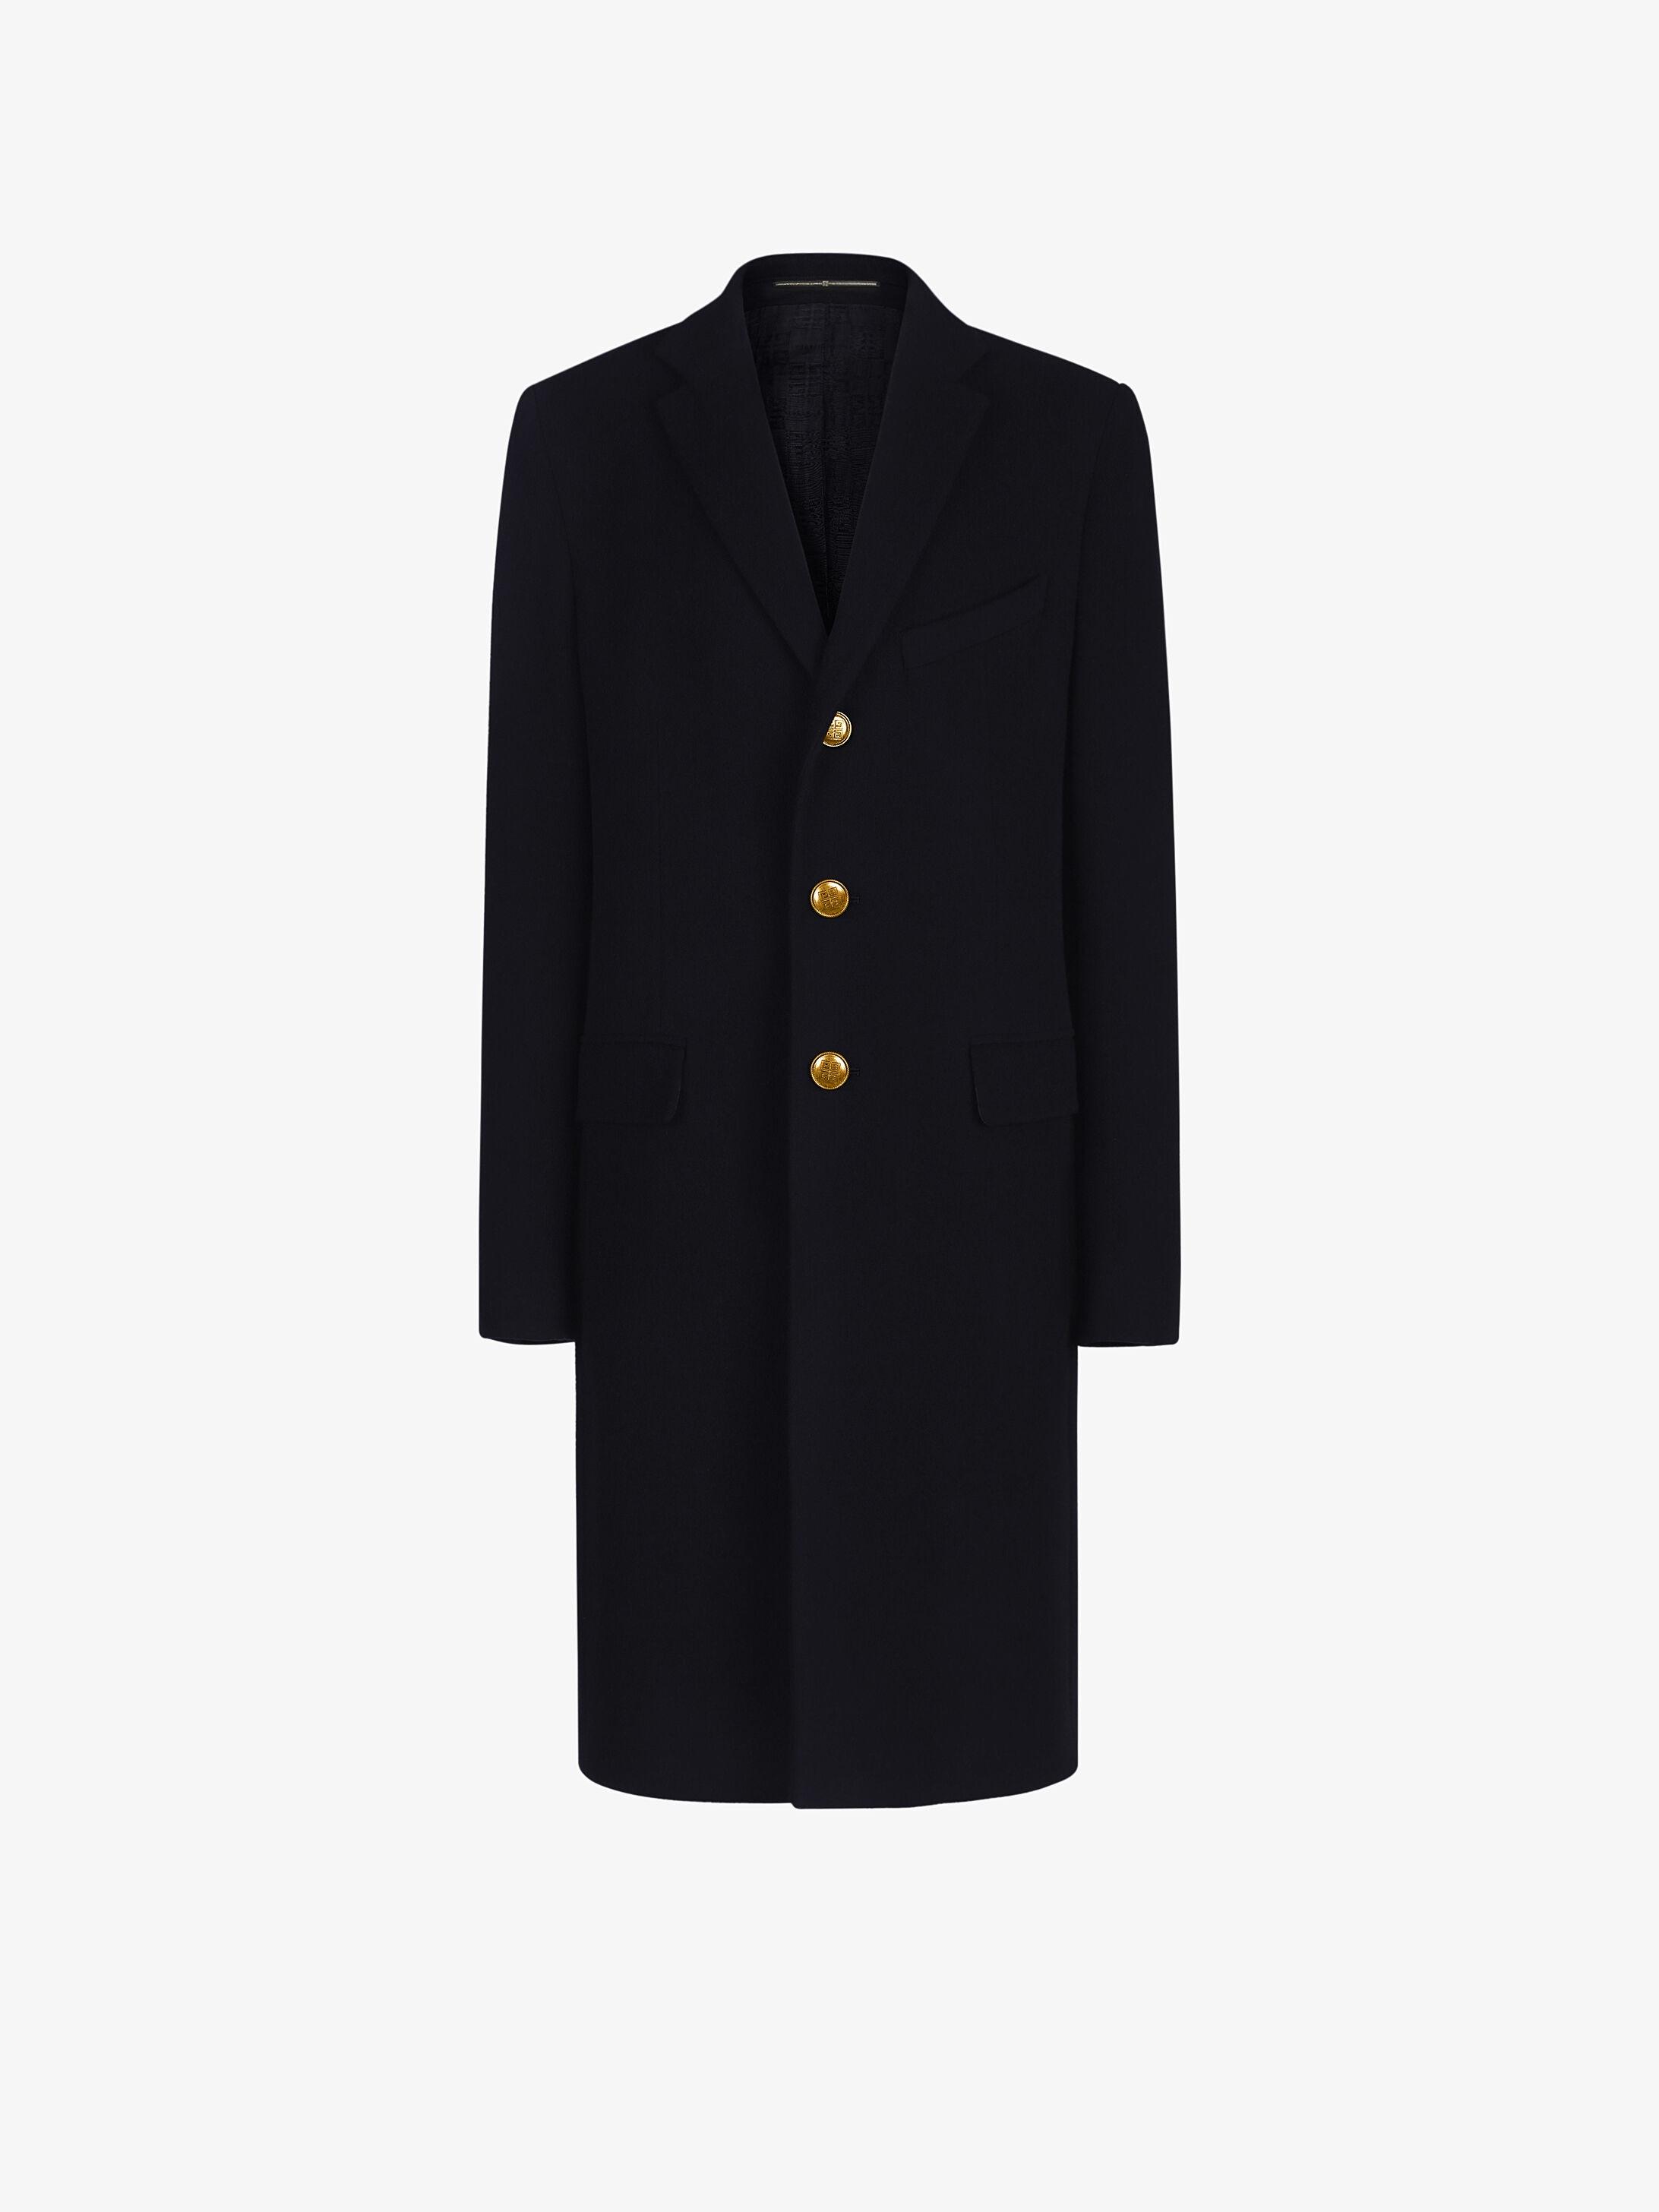 GivenchyGivenchy Manteaux Homme Par Paris La Collection L5ARj4